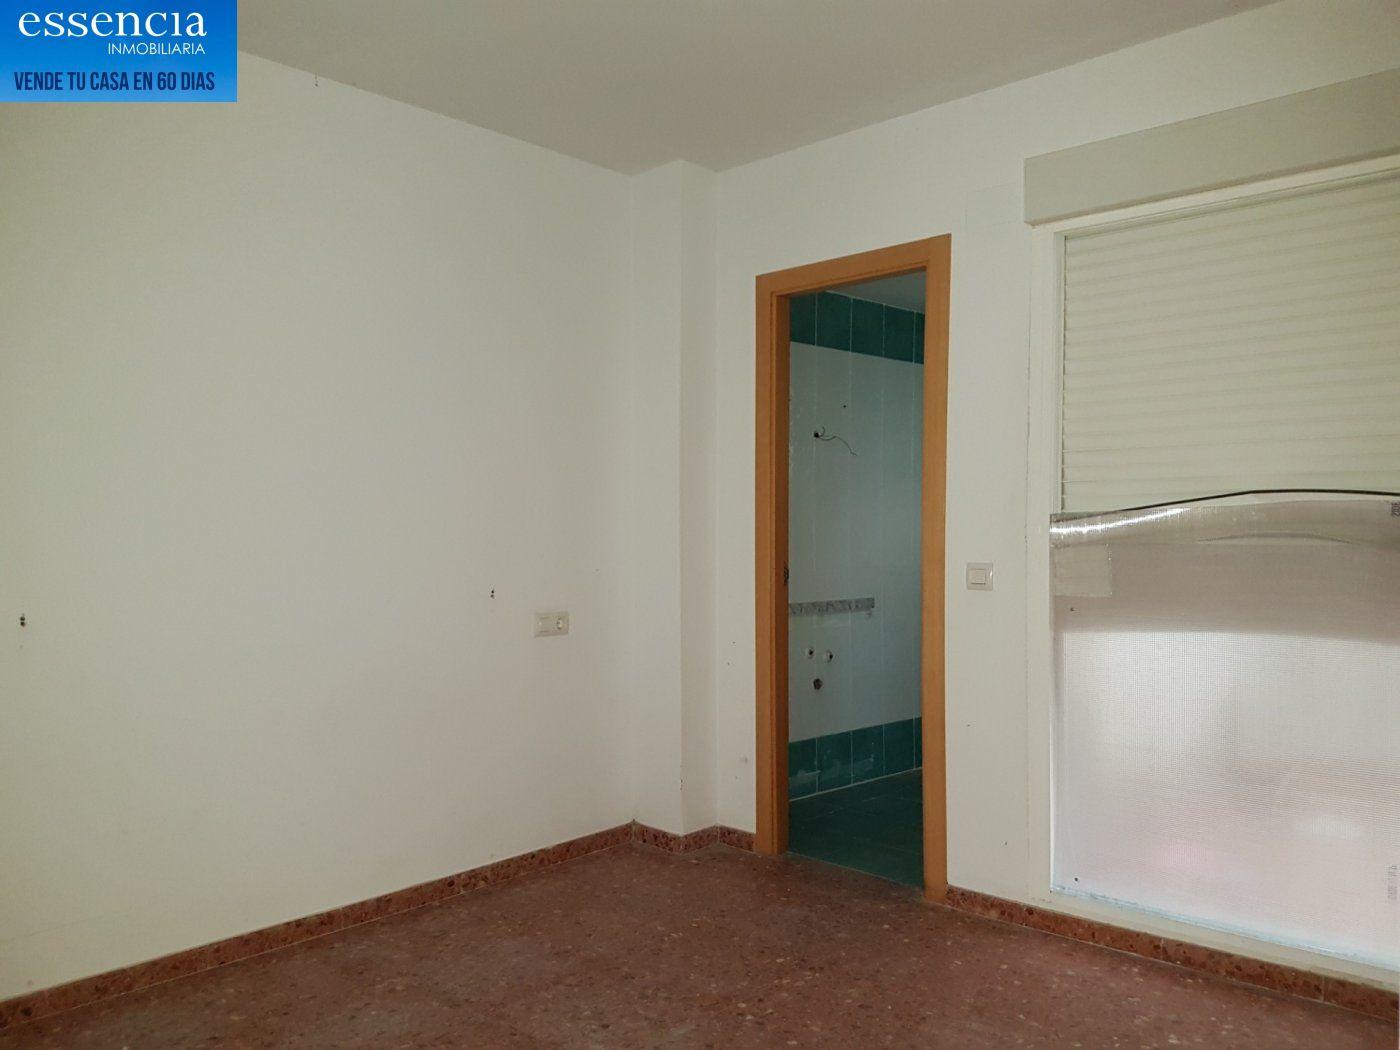 Piso en entresuelo de 2 dormitorios y 1 baño con patio - imagenInmueble8